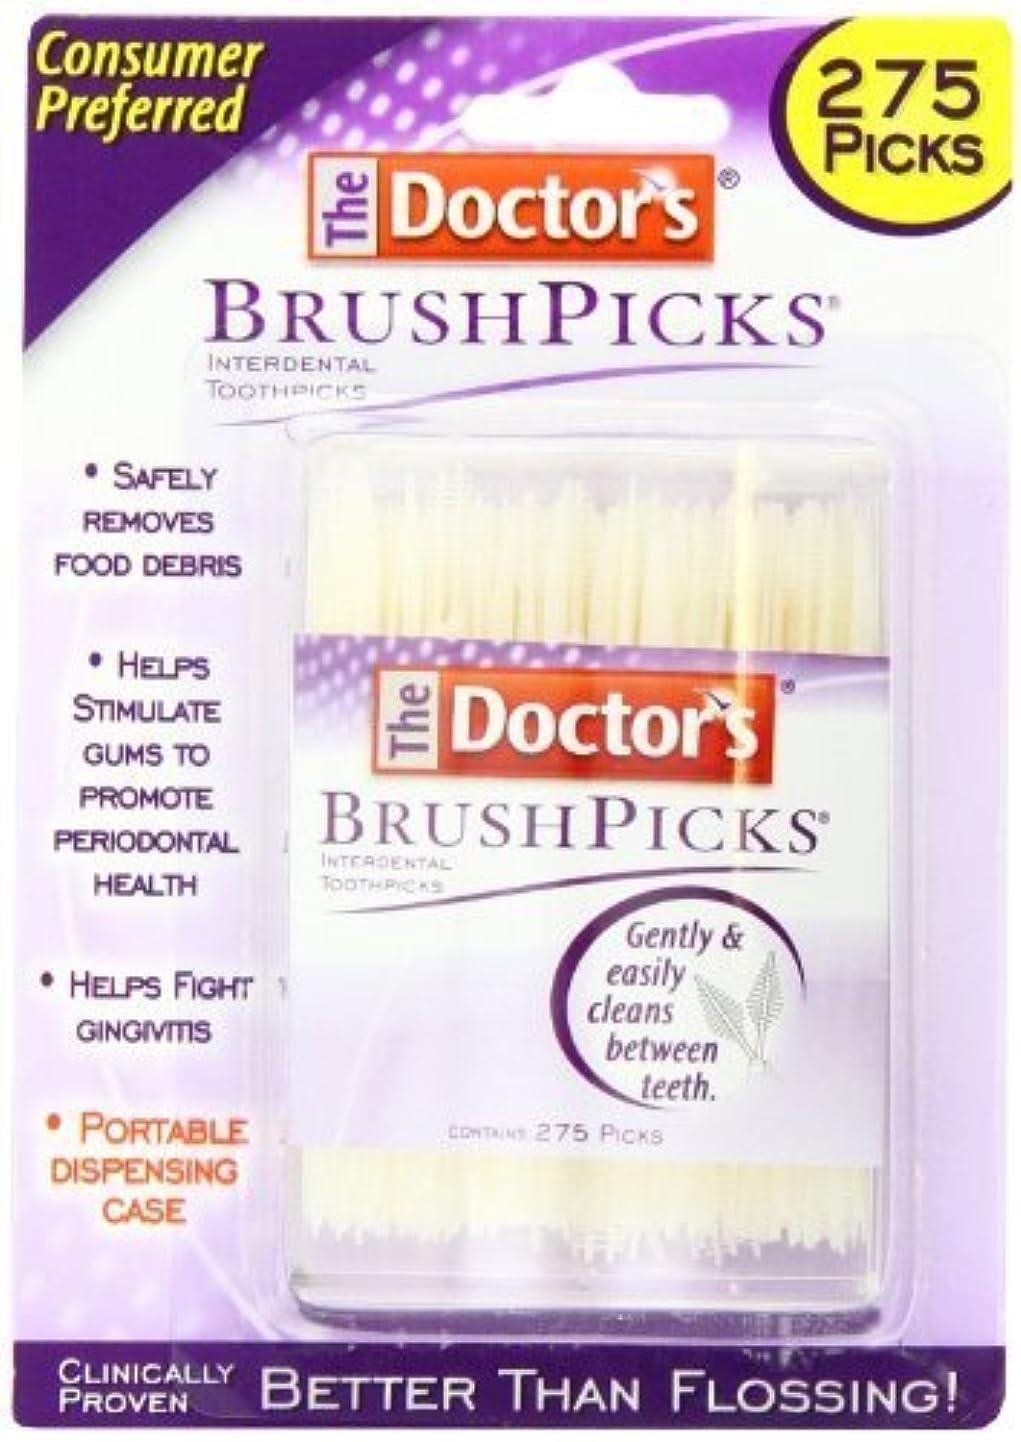 マチュピチュサンダースシンカンドクターズ ブラシピックス 275カウント x 2パック Doctor's Brushpicks, 275 Count (Pack of 2) by The Doctors [並行輸入品]